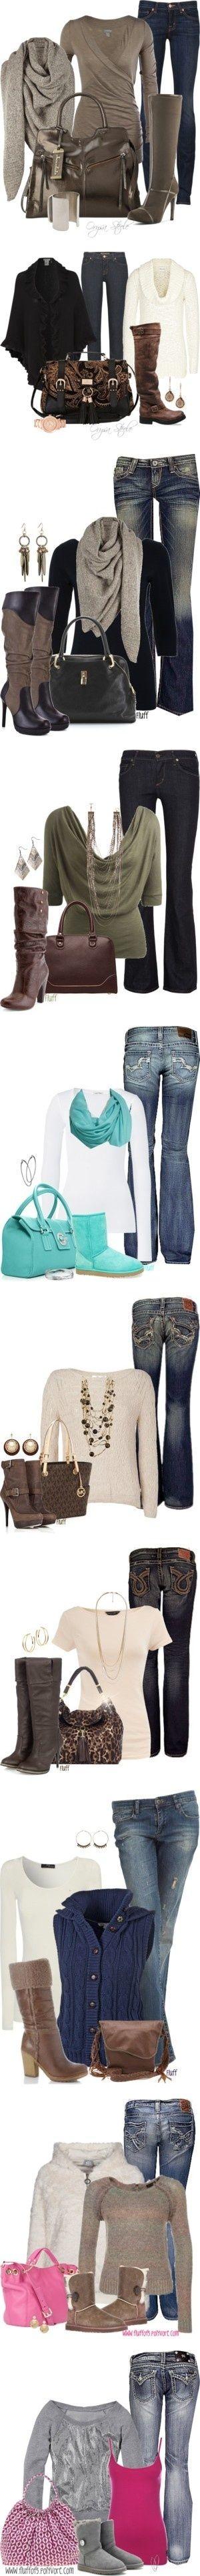 My Style by sydnie.shaffer